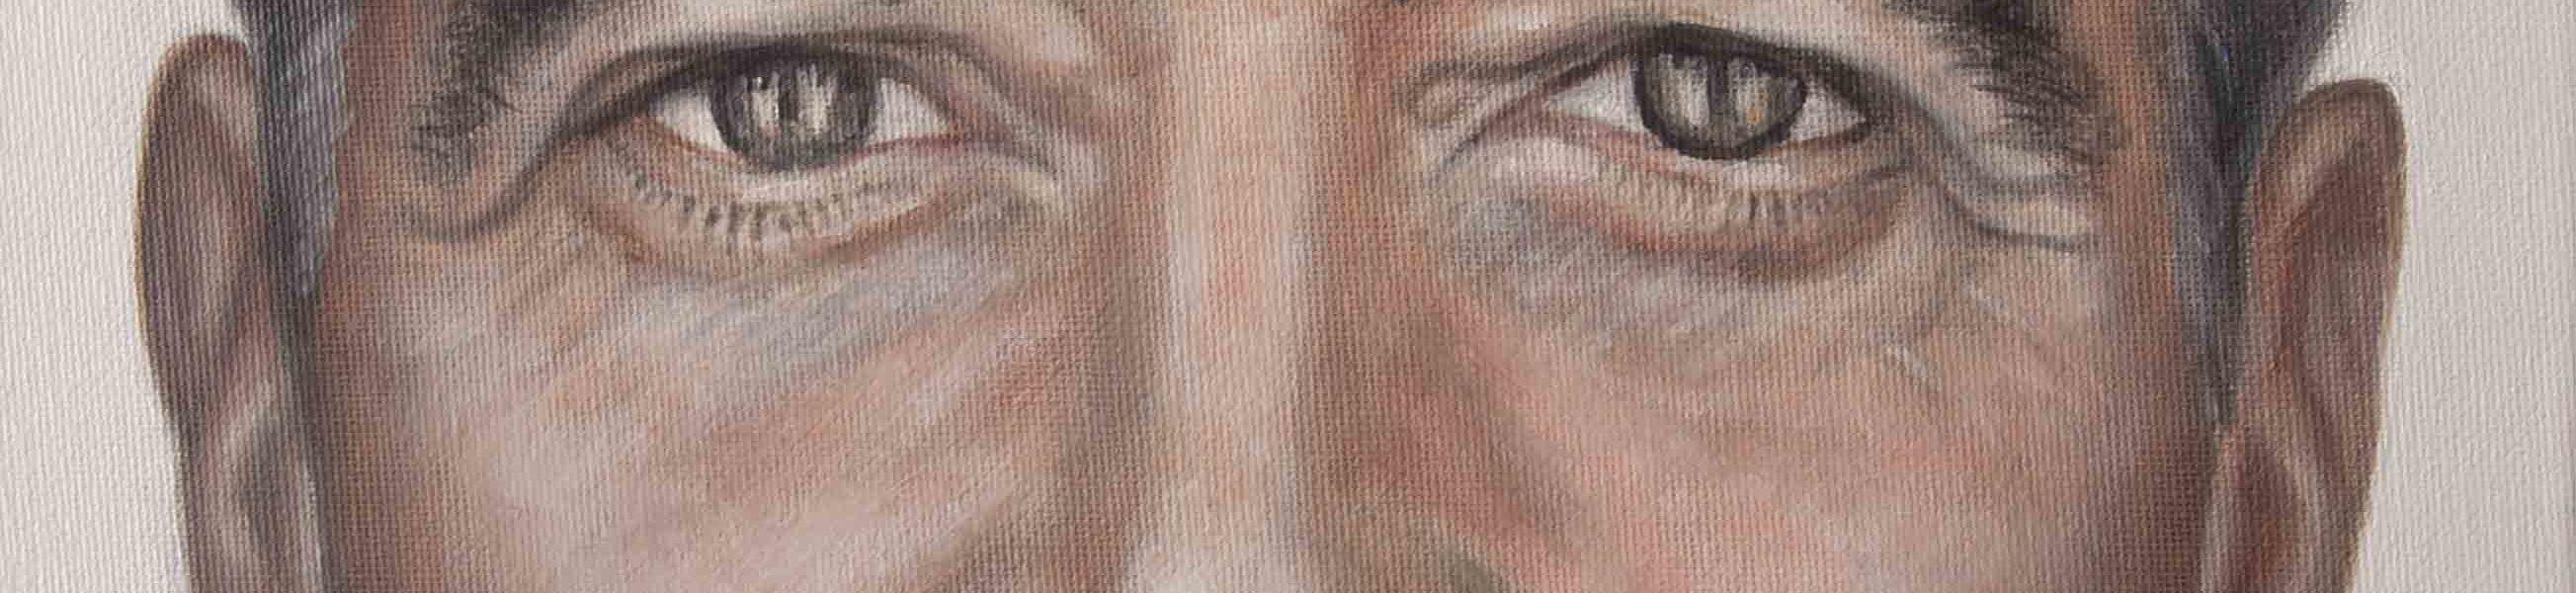 Sandro Ferrucci - ritratto di George Timothy Clooney - olio su tela 40x30 cm. - anno 2017